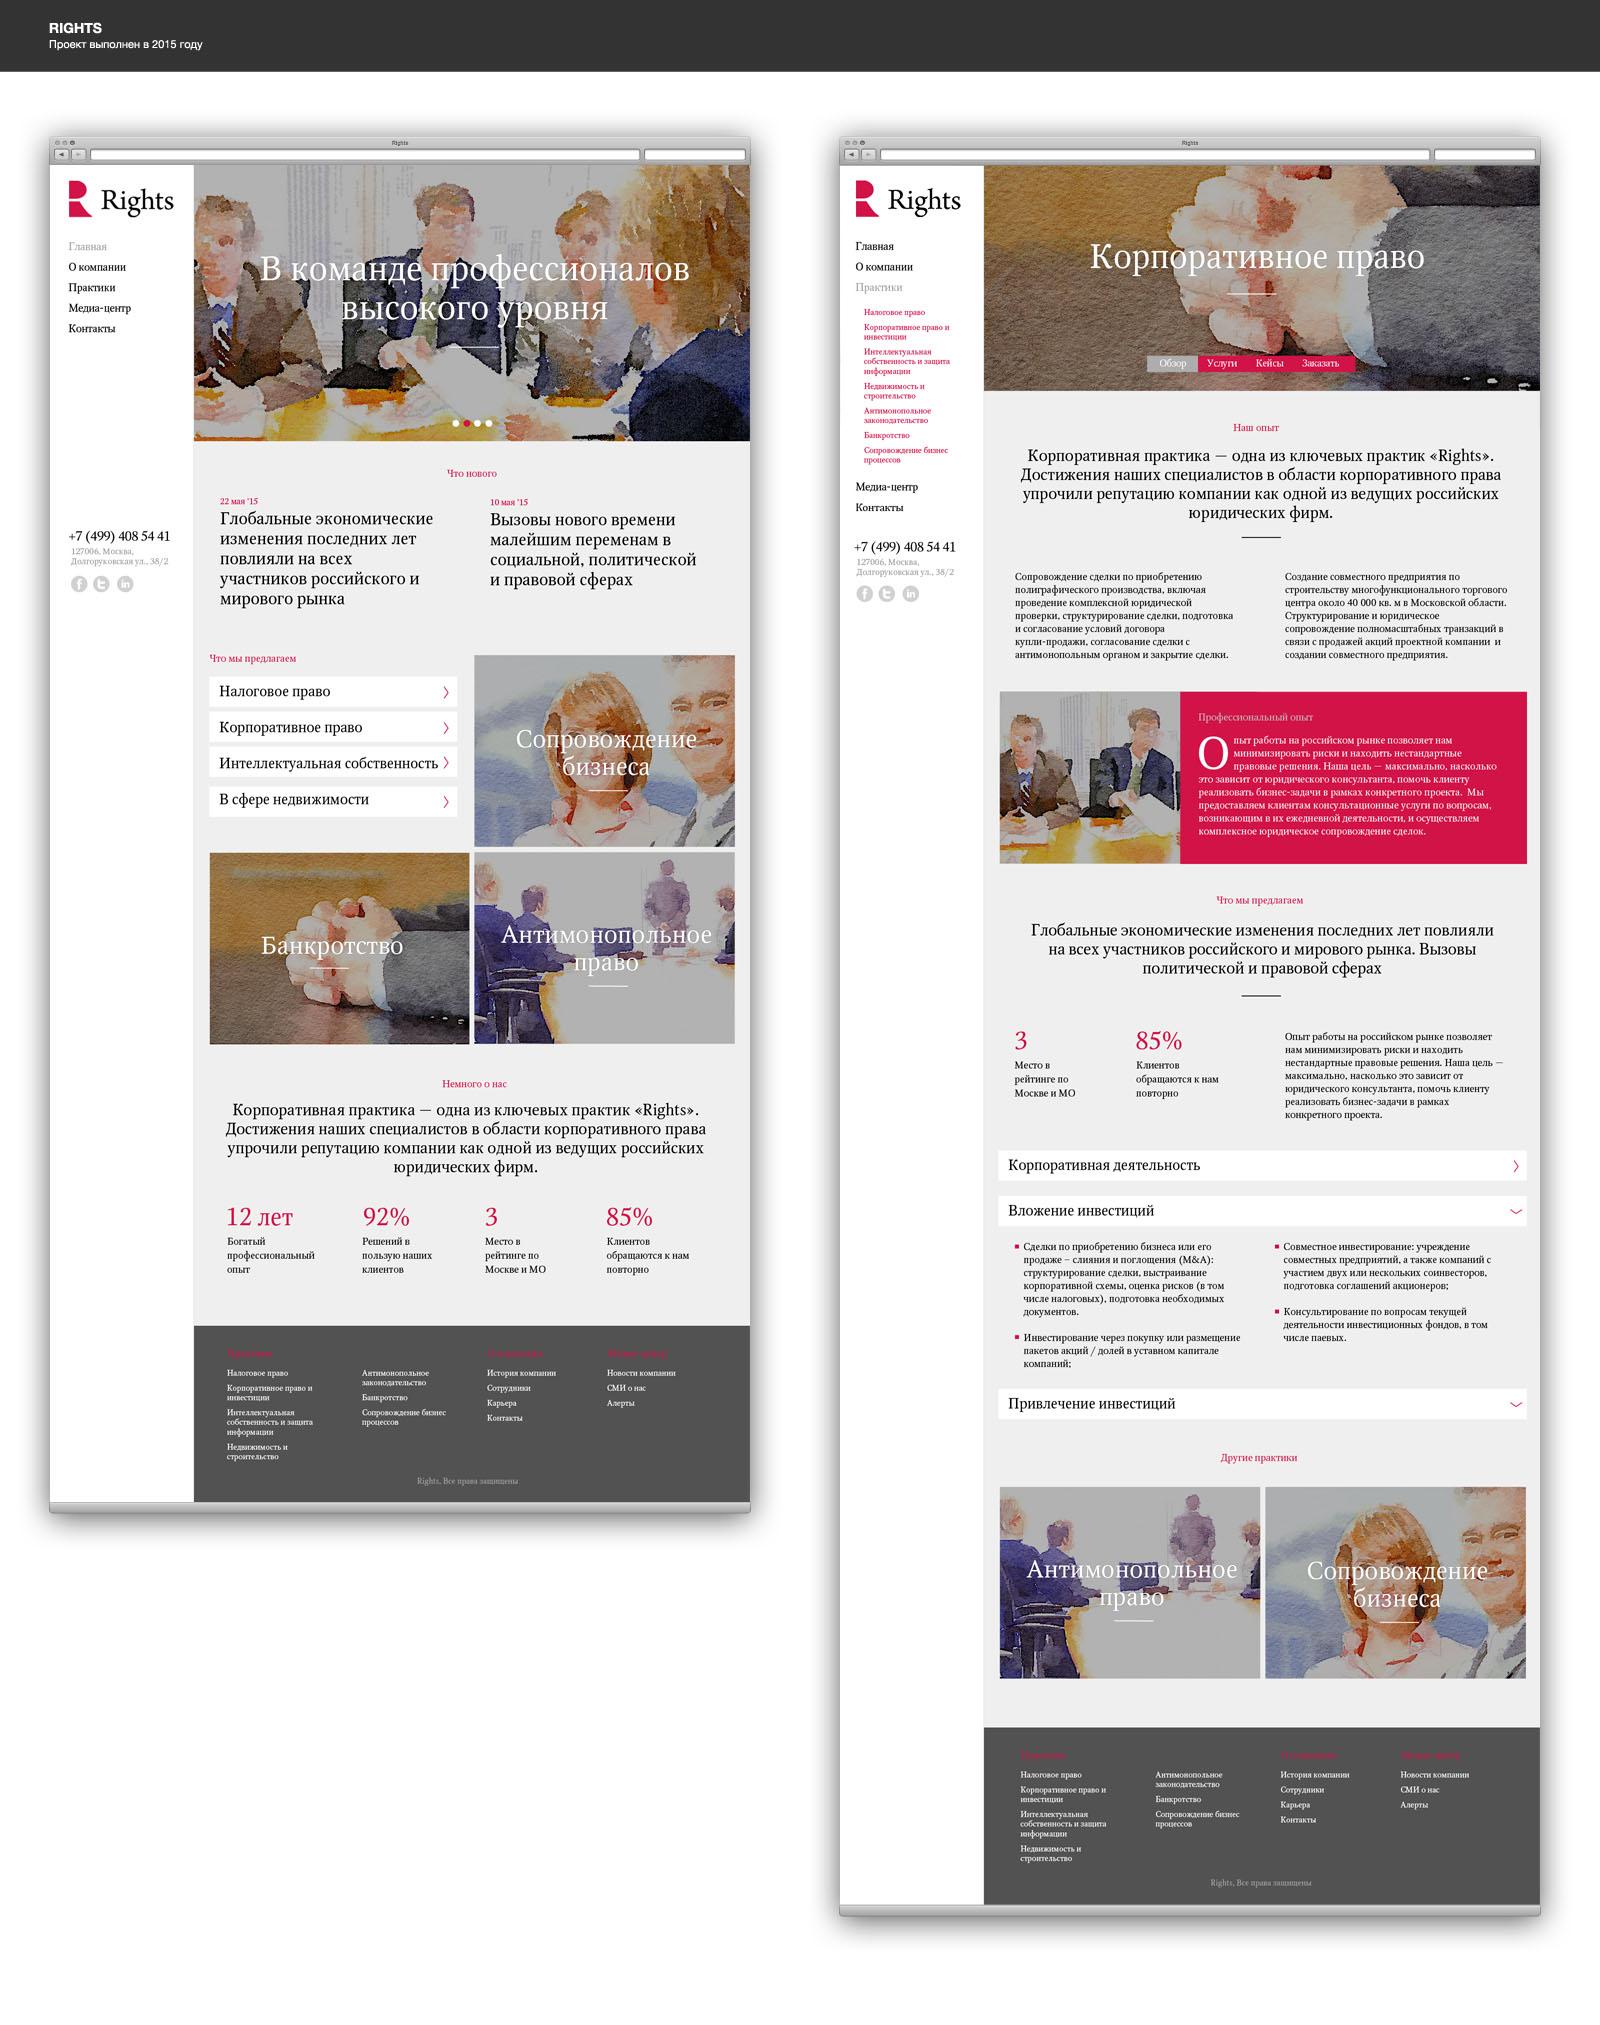 Rigths, юридические услуги, корпоративный сайт